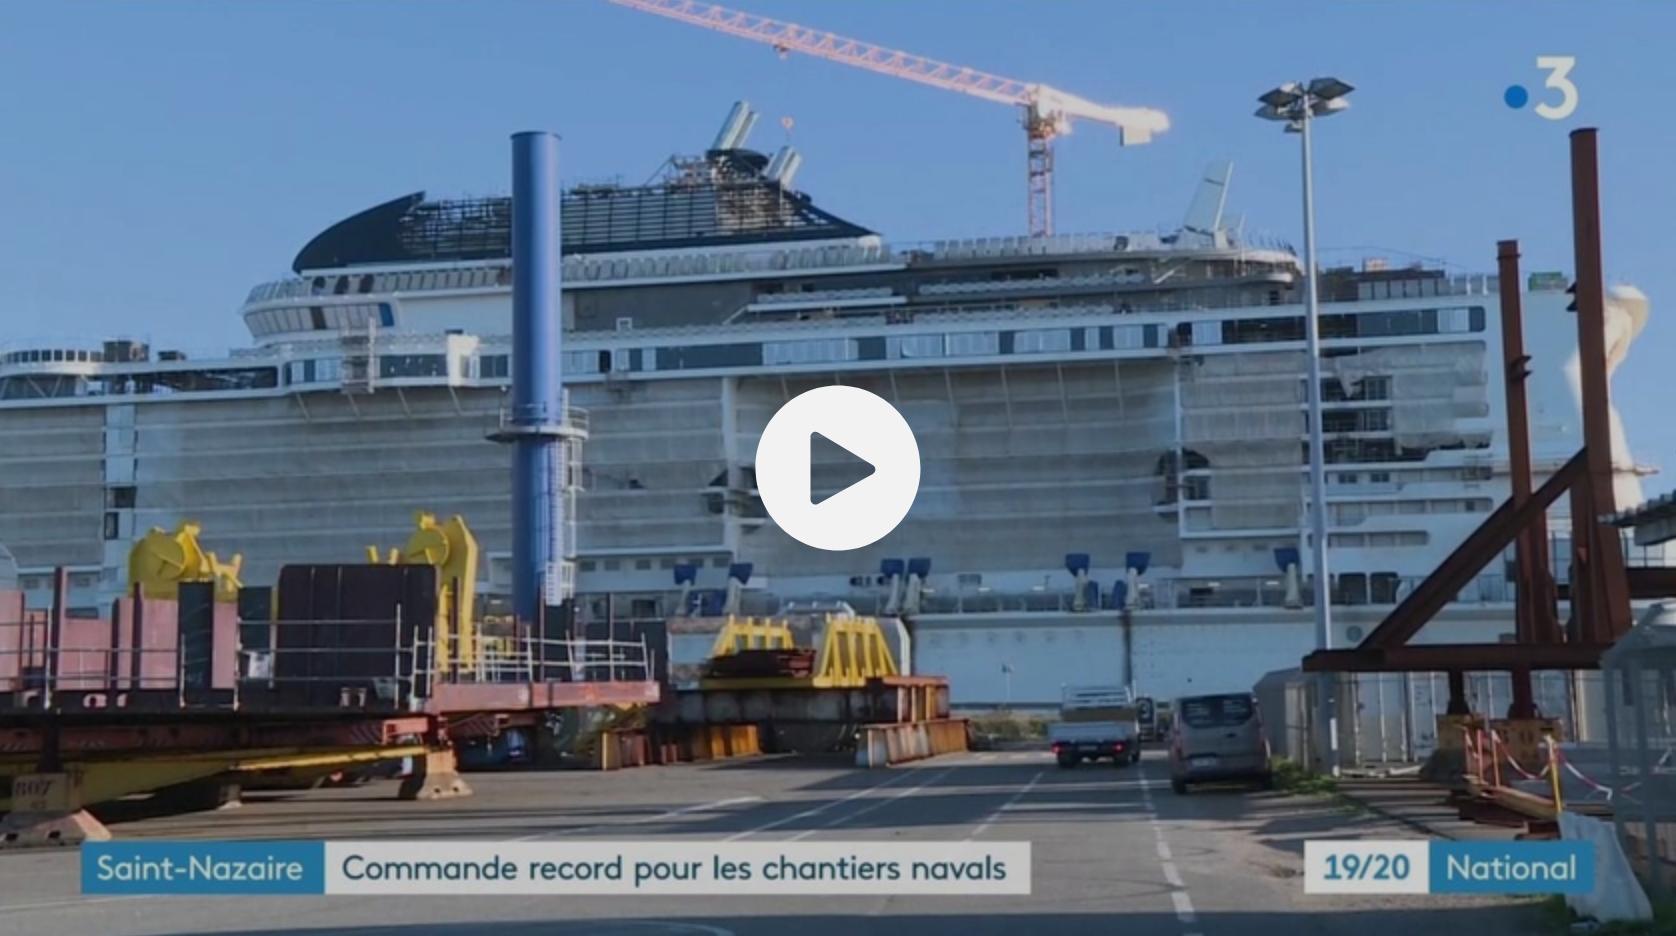 Saint-Nazaire : commande record pour les chantiers navals